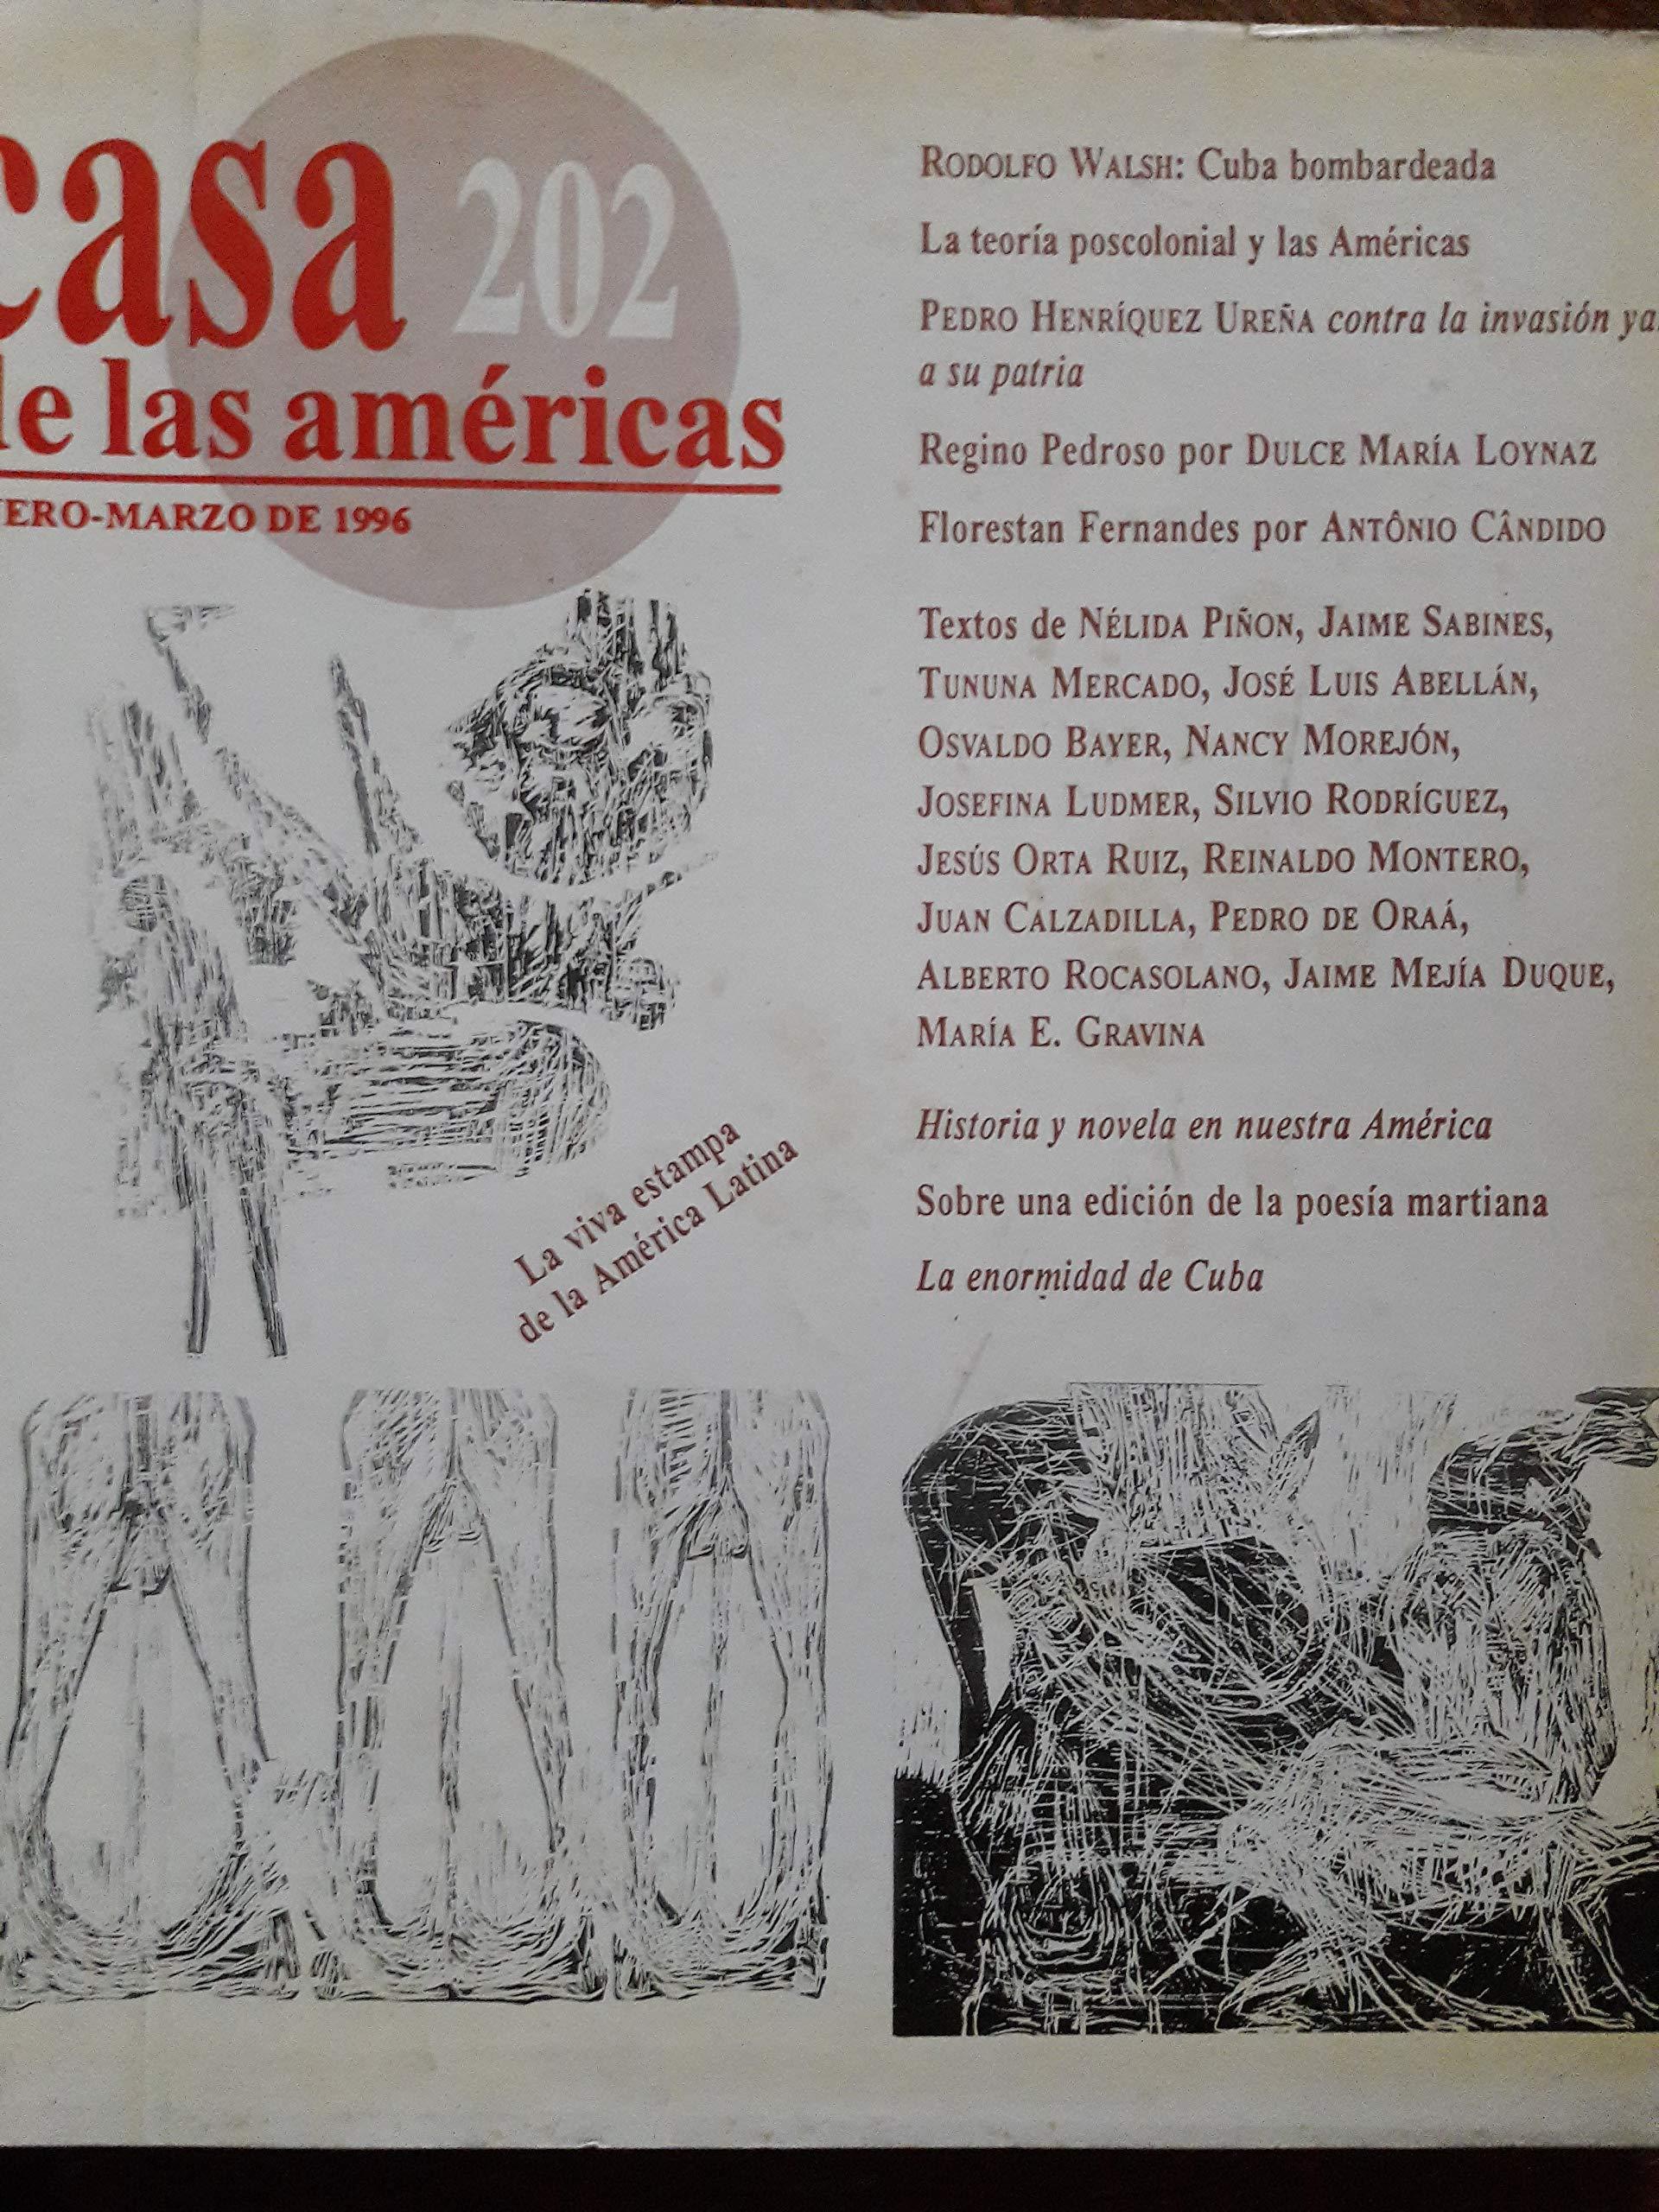 Amazon.com: Revista casa de las americas enero-marzo del ...